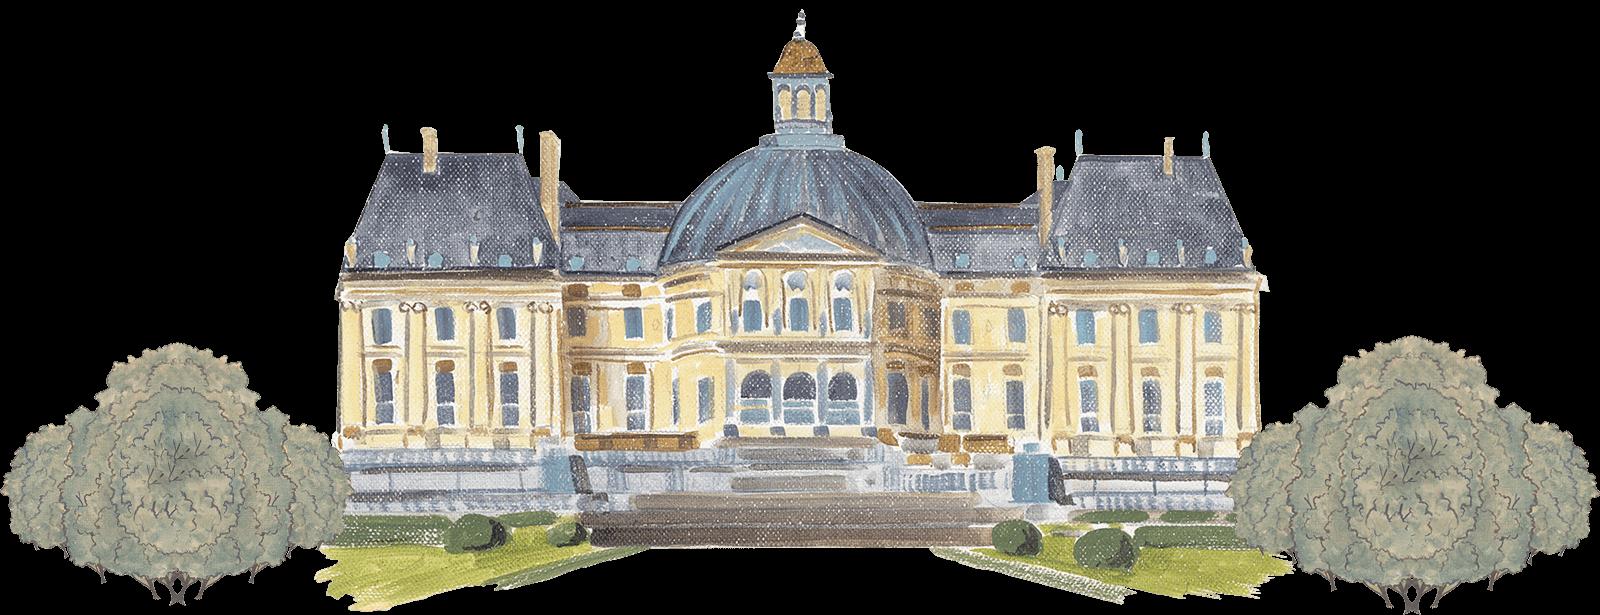 Palace clipart versailles palace. Vaux le vicomte the